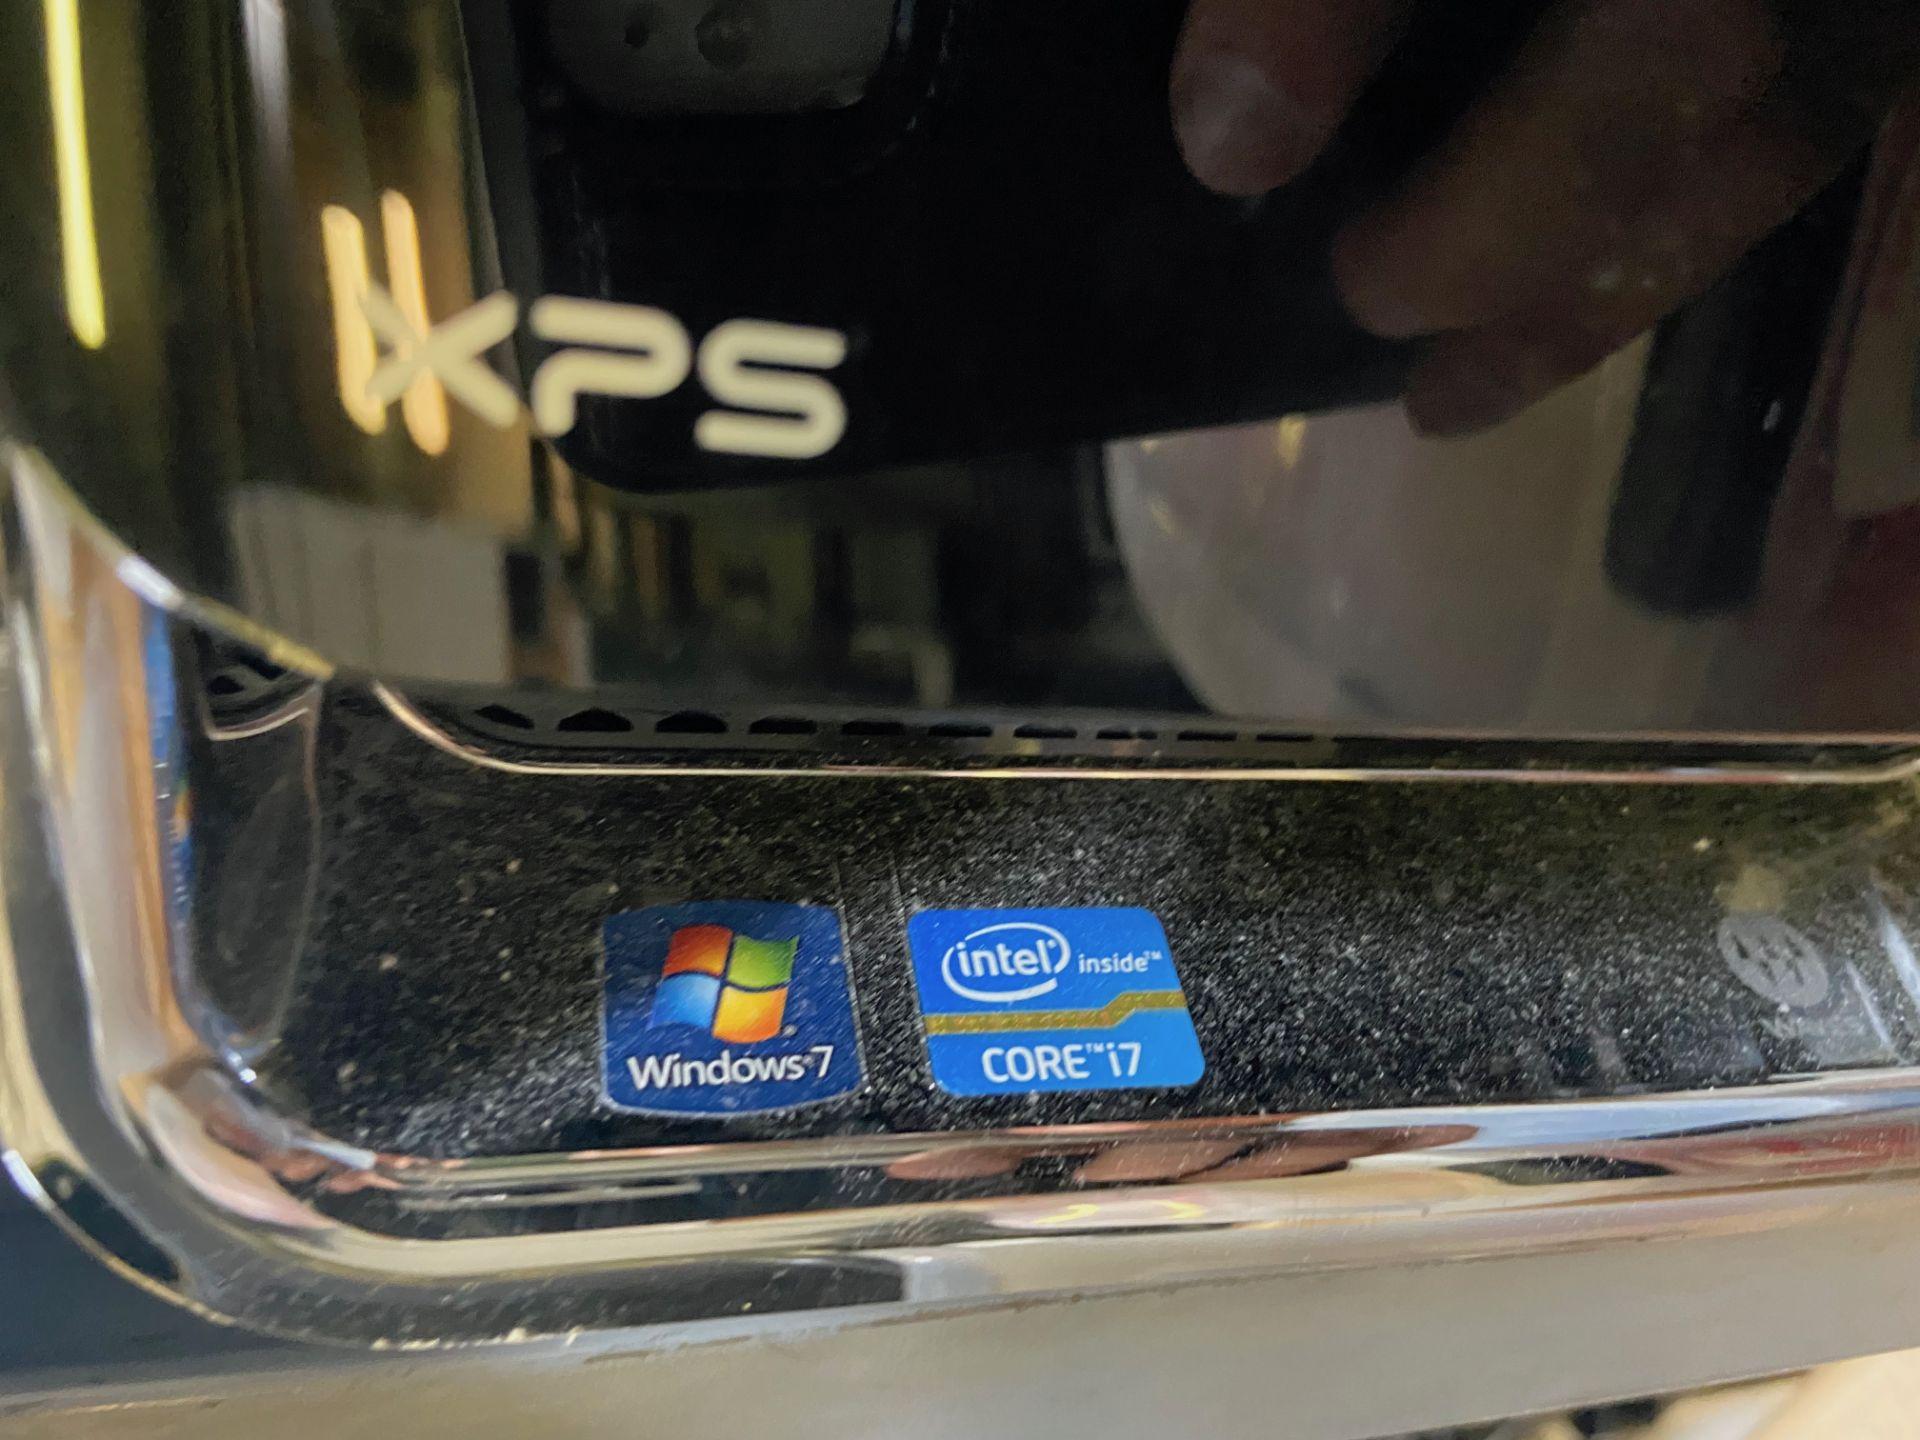 Dell XPS Desktop Computers, Total Qty 4, Qty 3 Intel i7 Processor, Qty 1 Intel i5 Processor, - Image 5 of 6